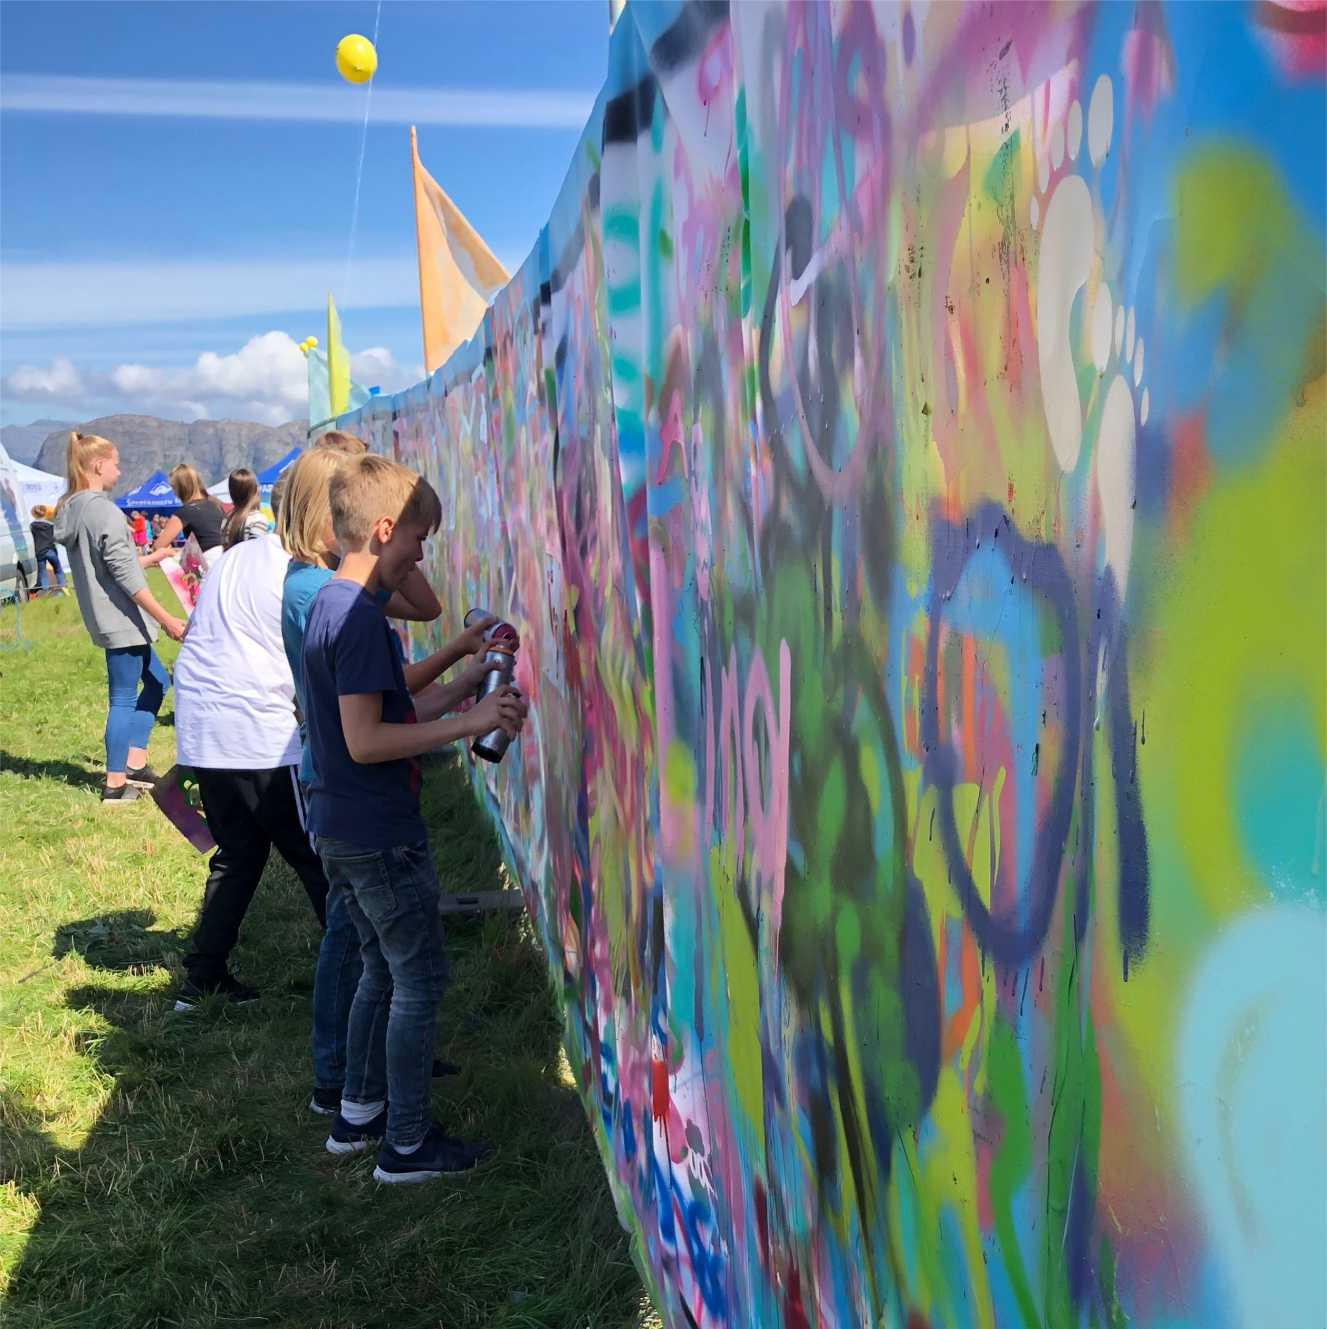 barn sprayer på graffiti workshop